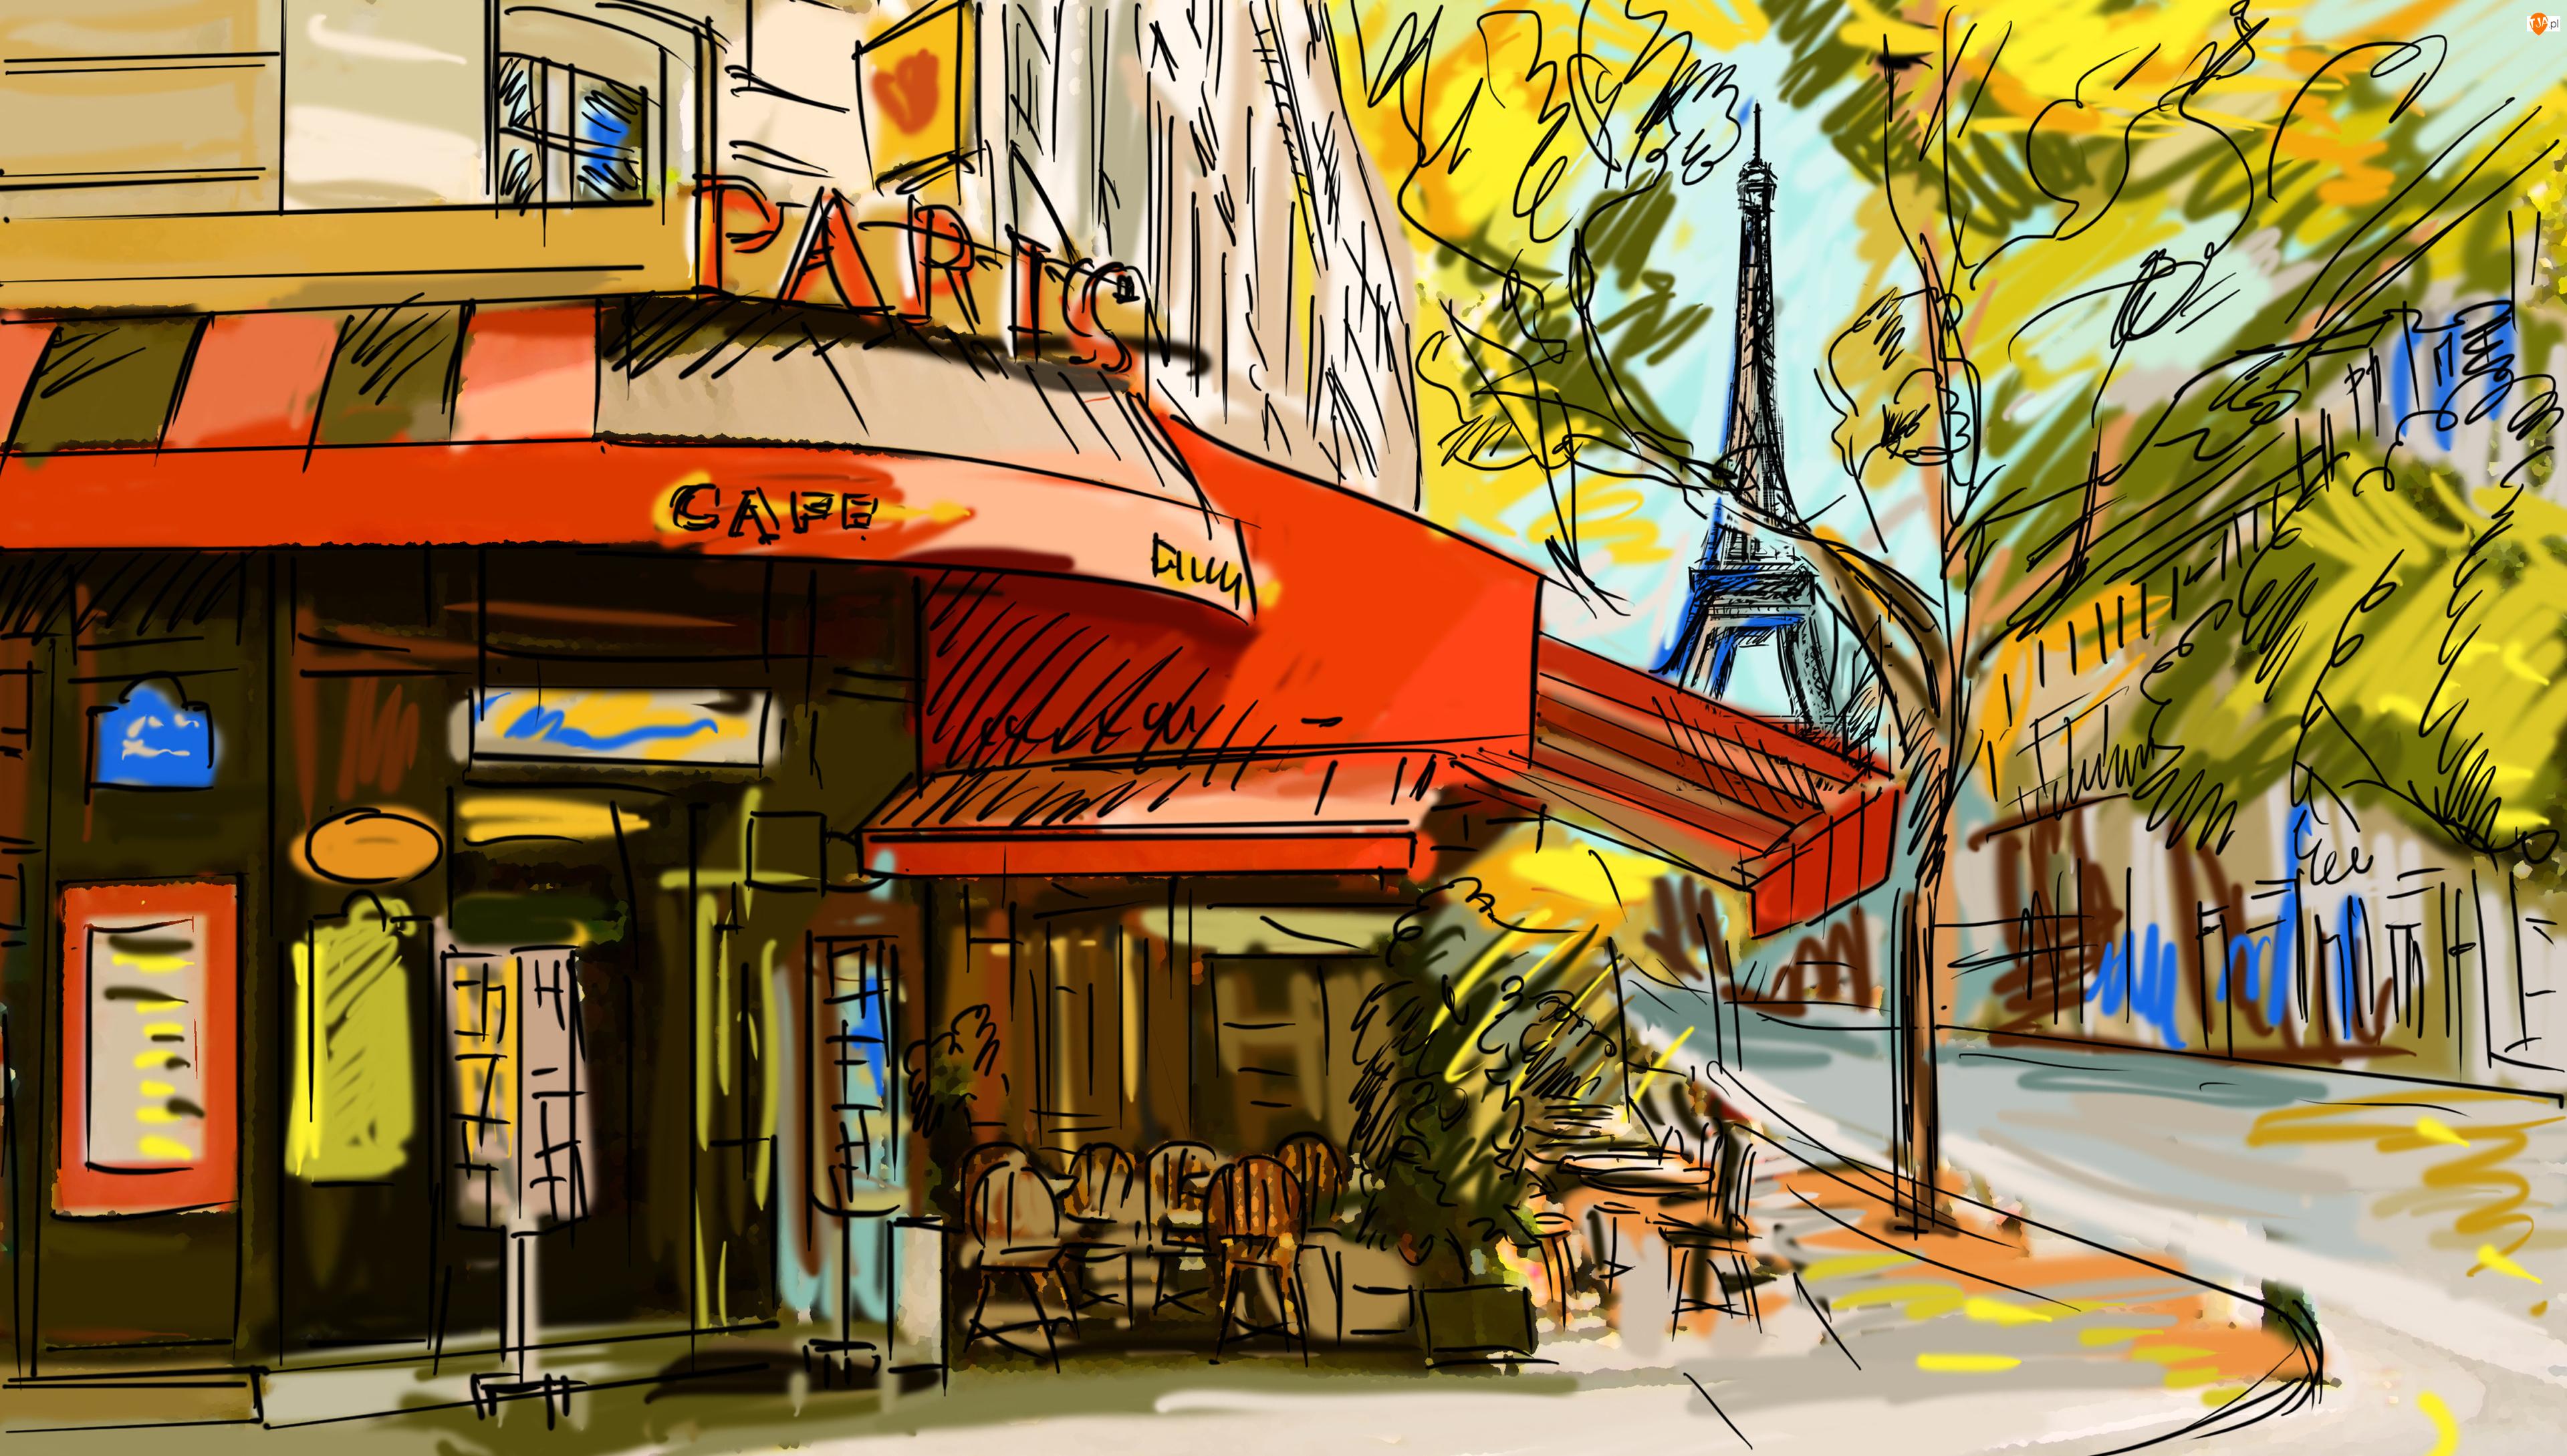 Ulica, Drzewa, Grafika, Paryż, Wieża Eiffla, Kawiarenka, Dom